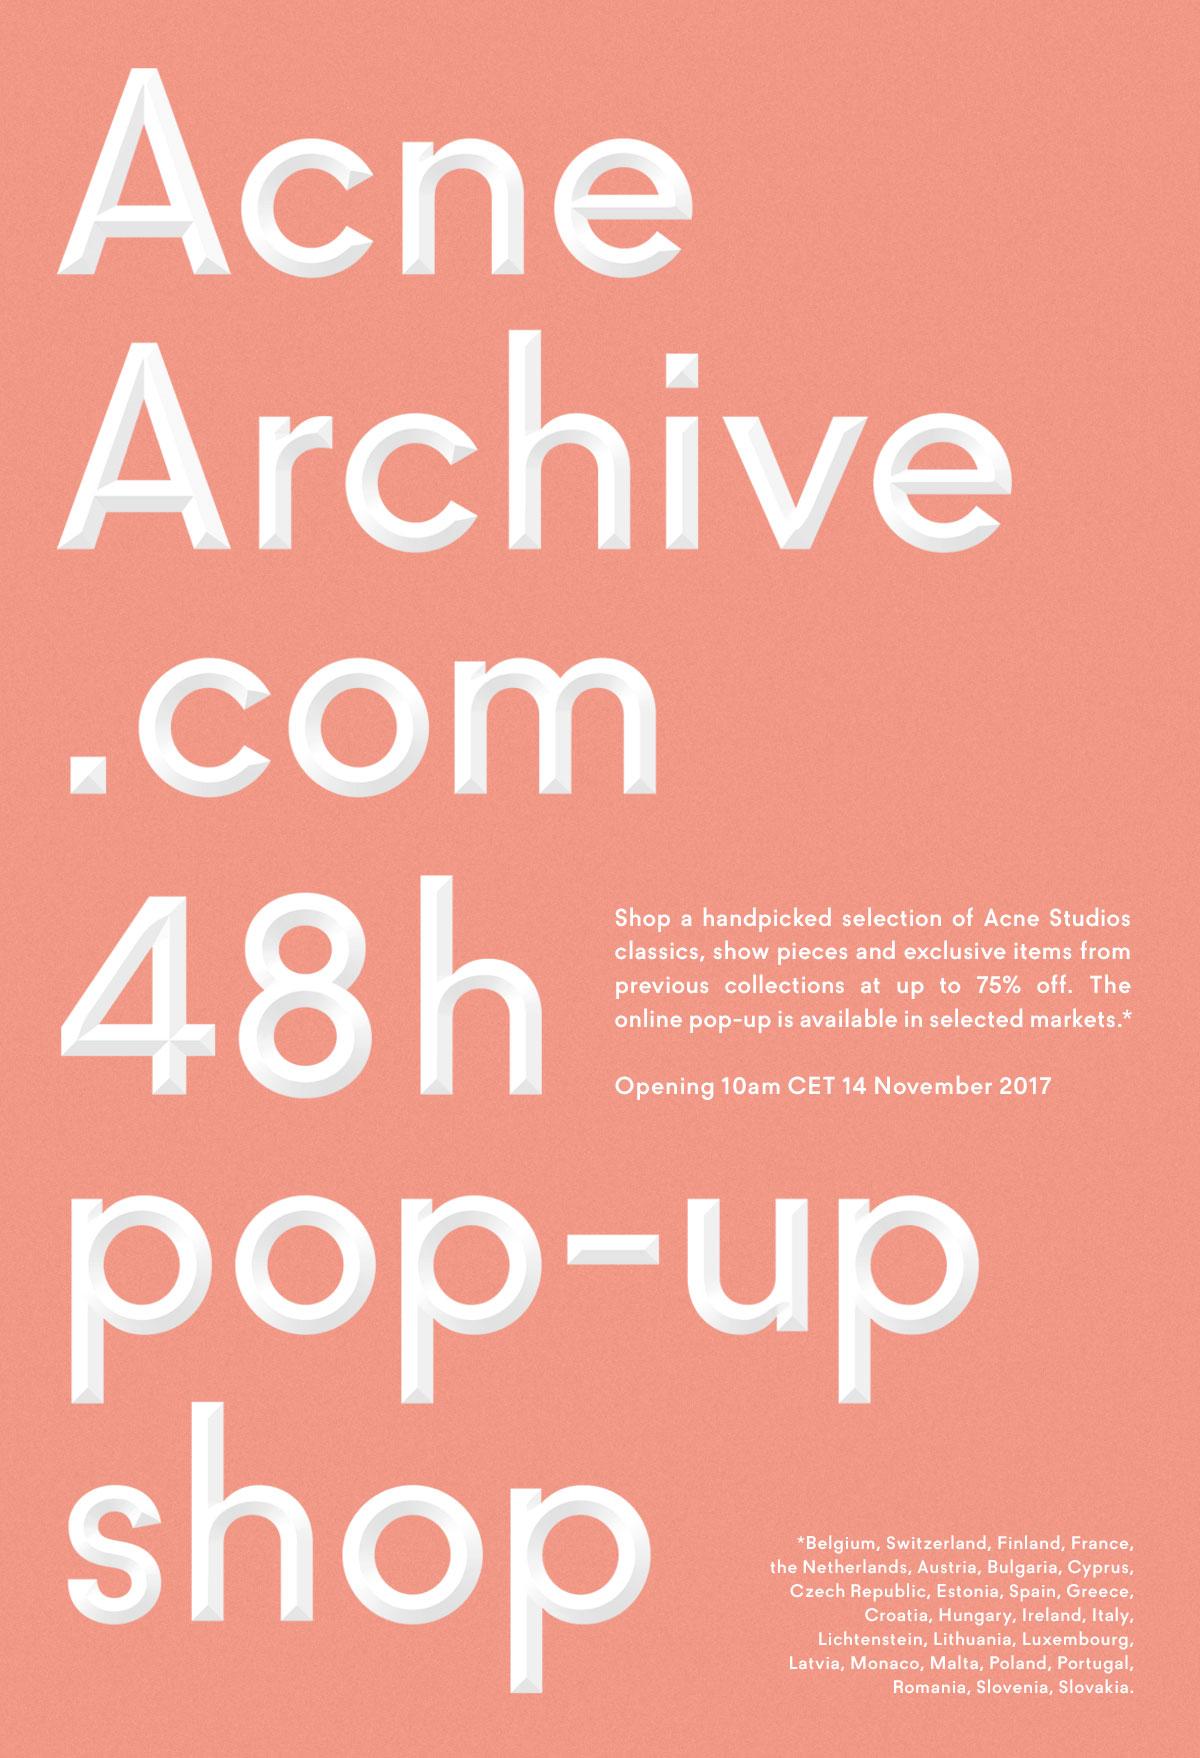 Pop-up shop online Acne Studios, exclusiv pentru Romania